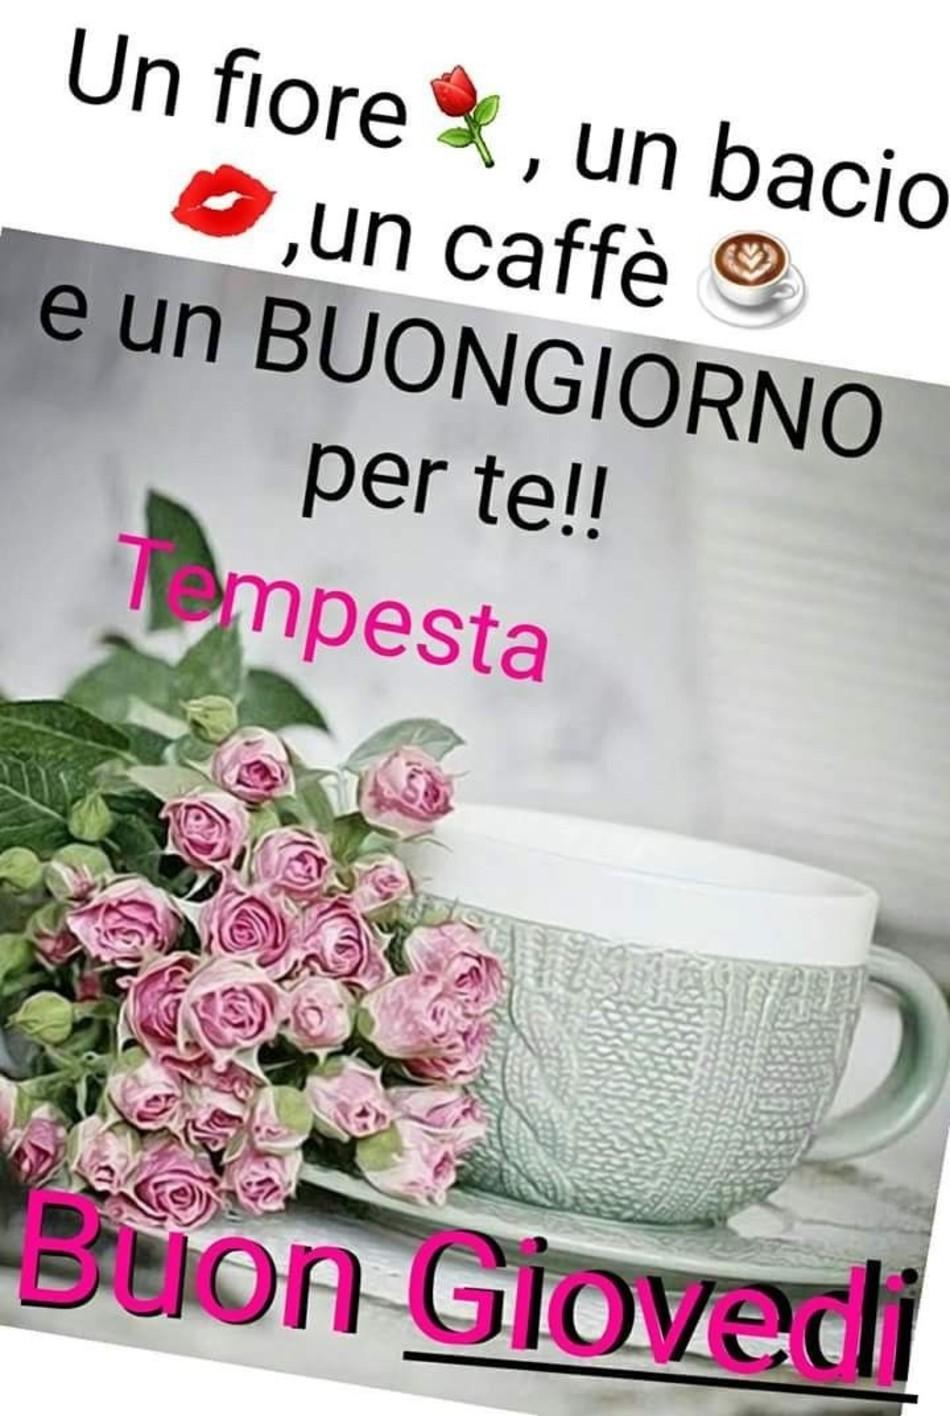 Buon Giovedì Foto Whatsapp Immaginiwhatsappit